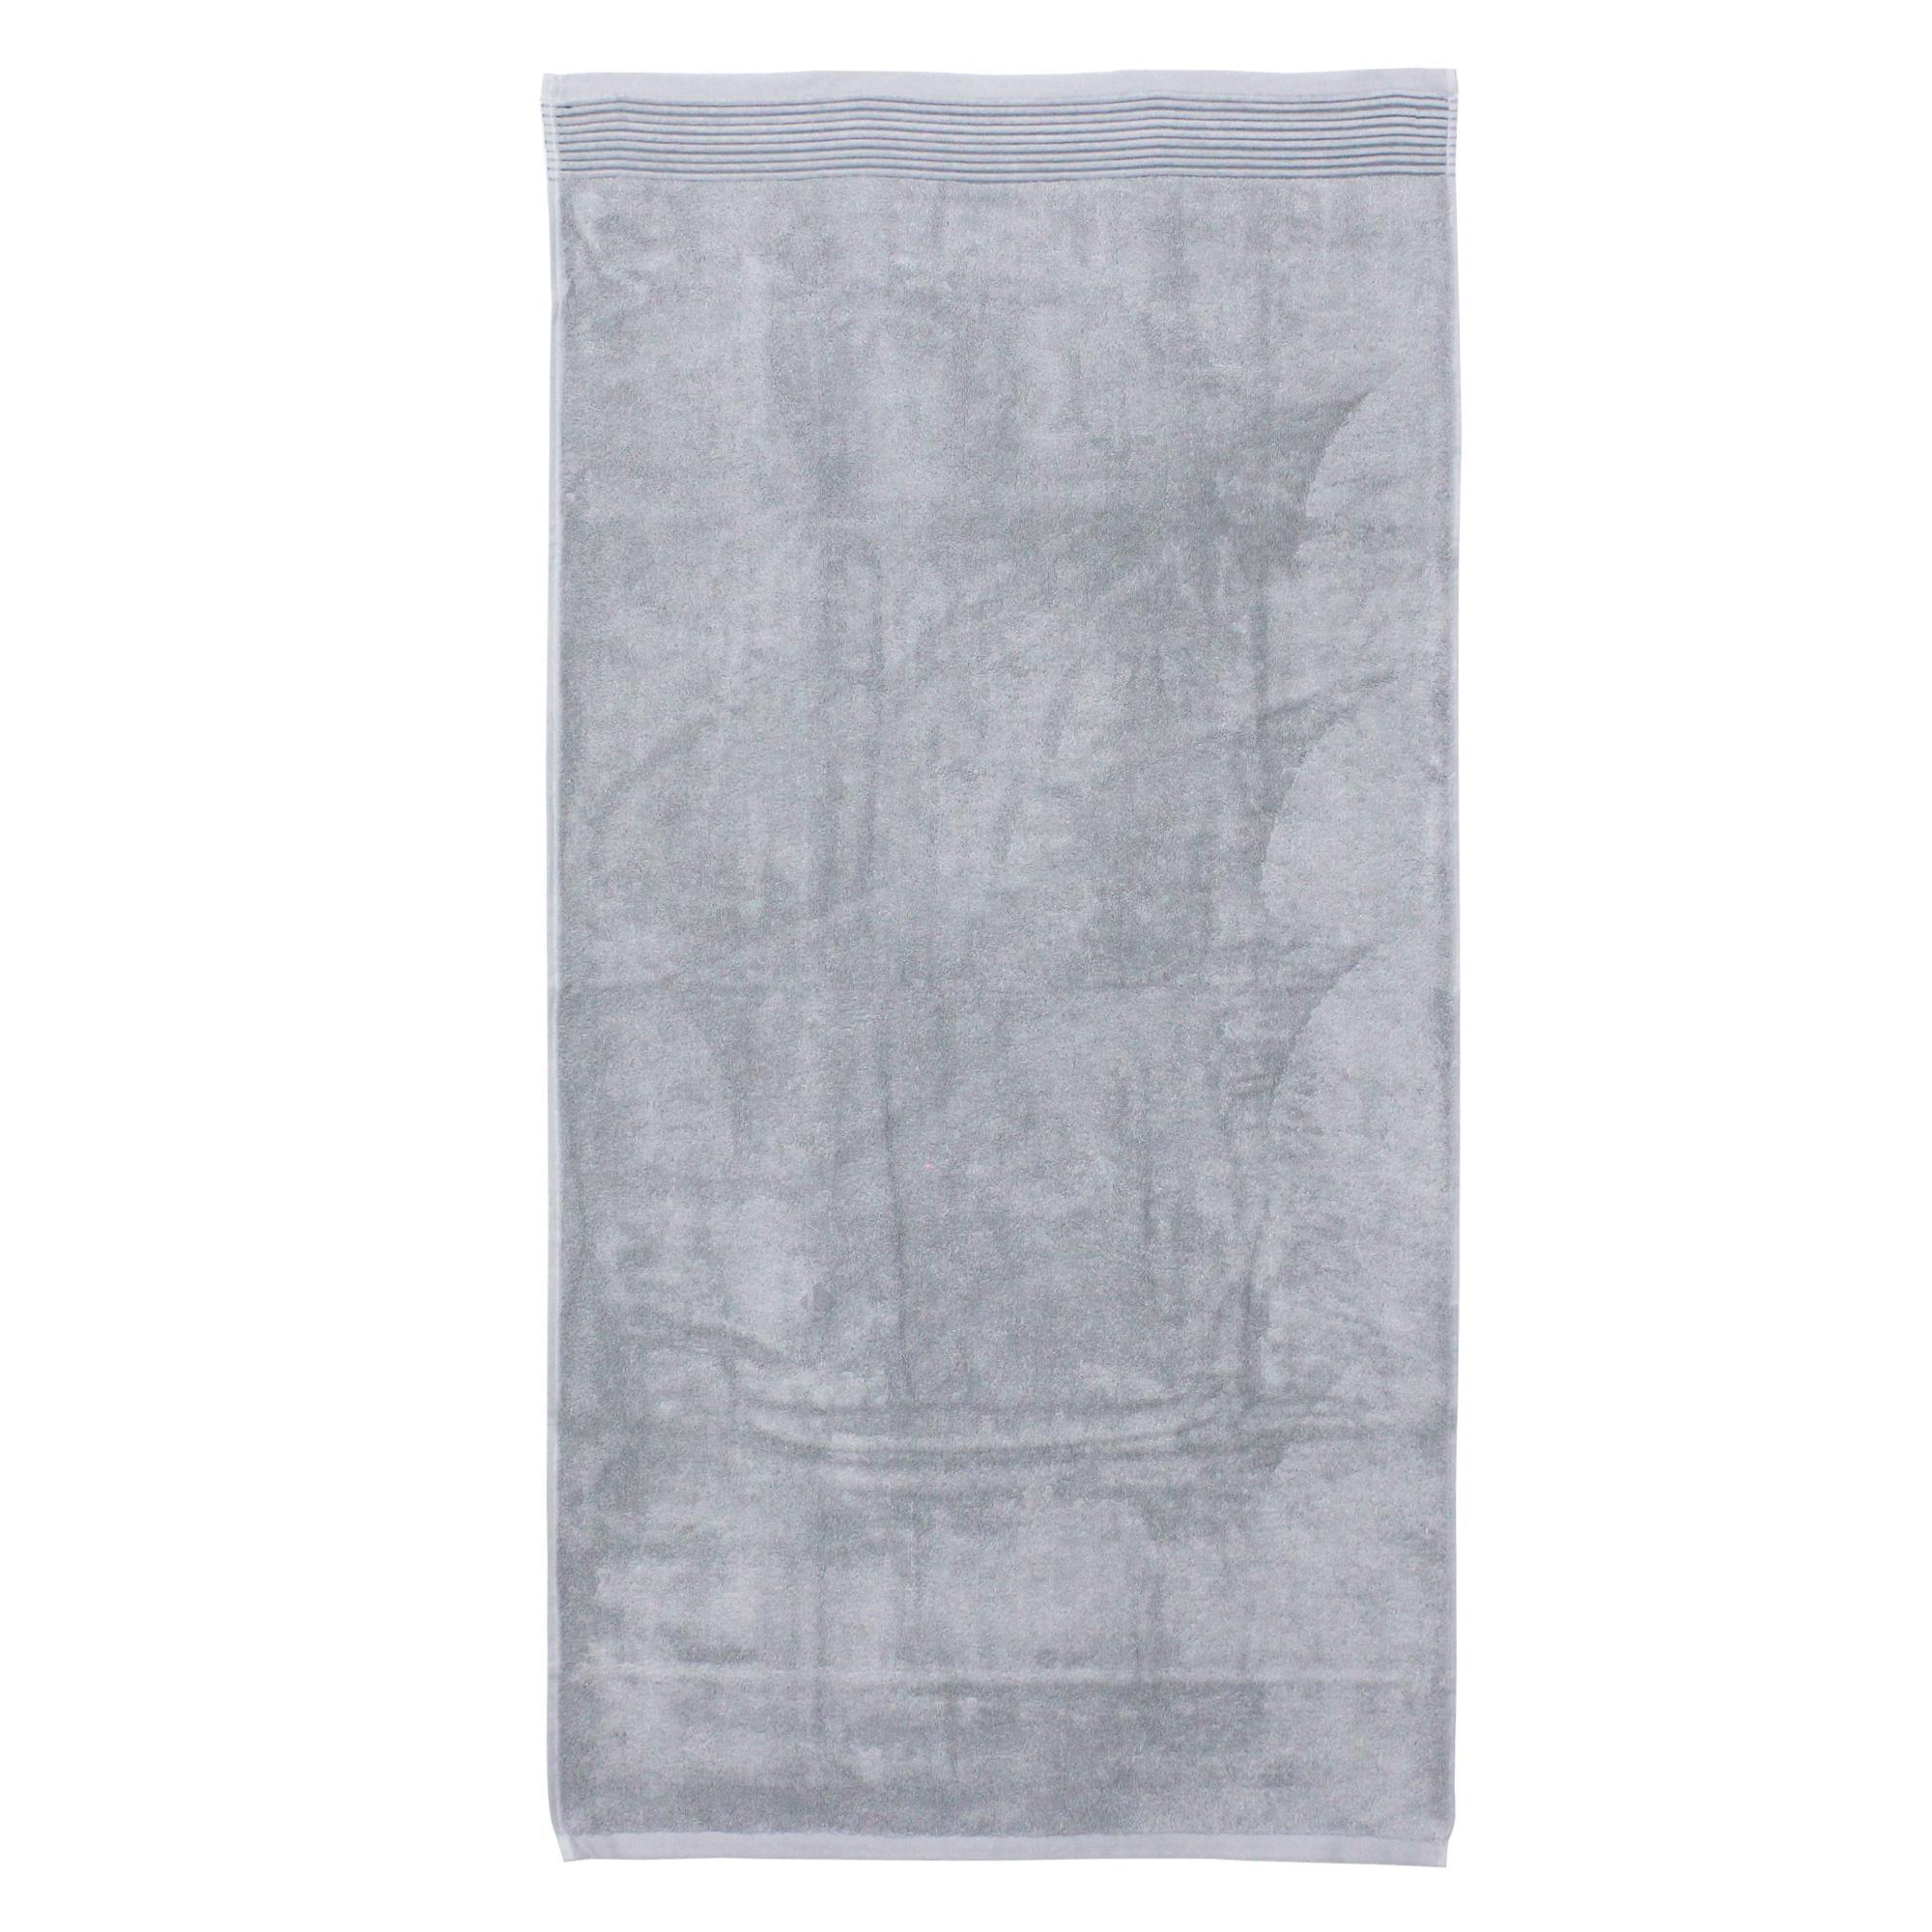 drap de bain 100x150 cm juliet gris argent 520 g m2 linnea linge de maison et. Black Bedroom Furniture Sets. Home Design Ideas